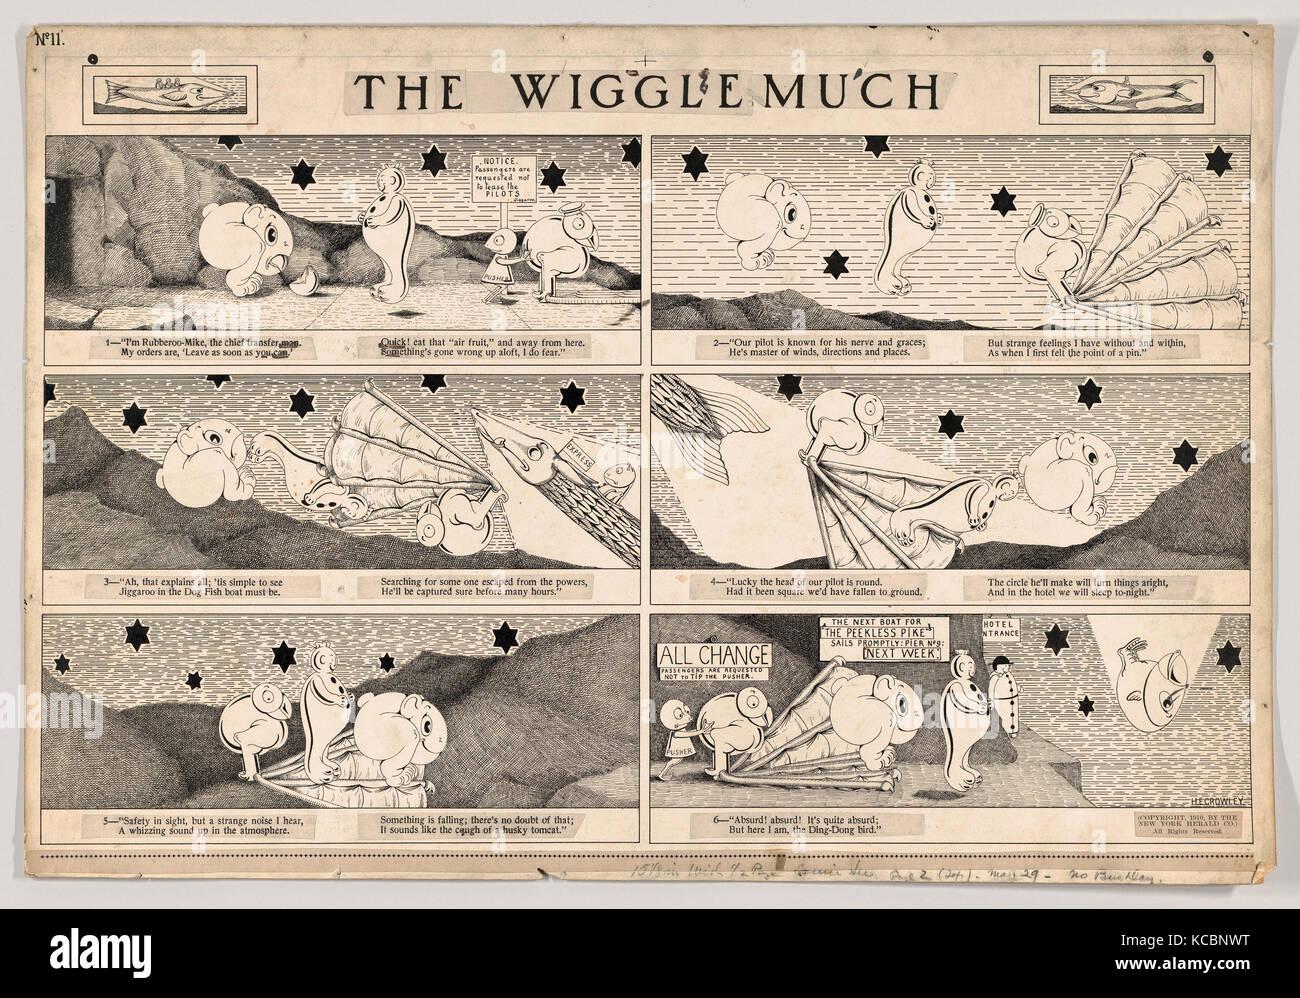 Zeichnungen und Druckgraphik, Zeichnung, Dummy für die Viel Wackeln, Comic, Nummer 11 (von der New York Herald, Stockbild